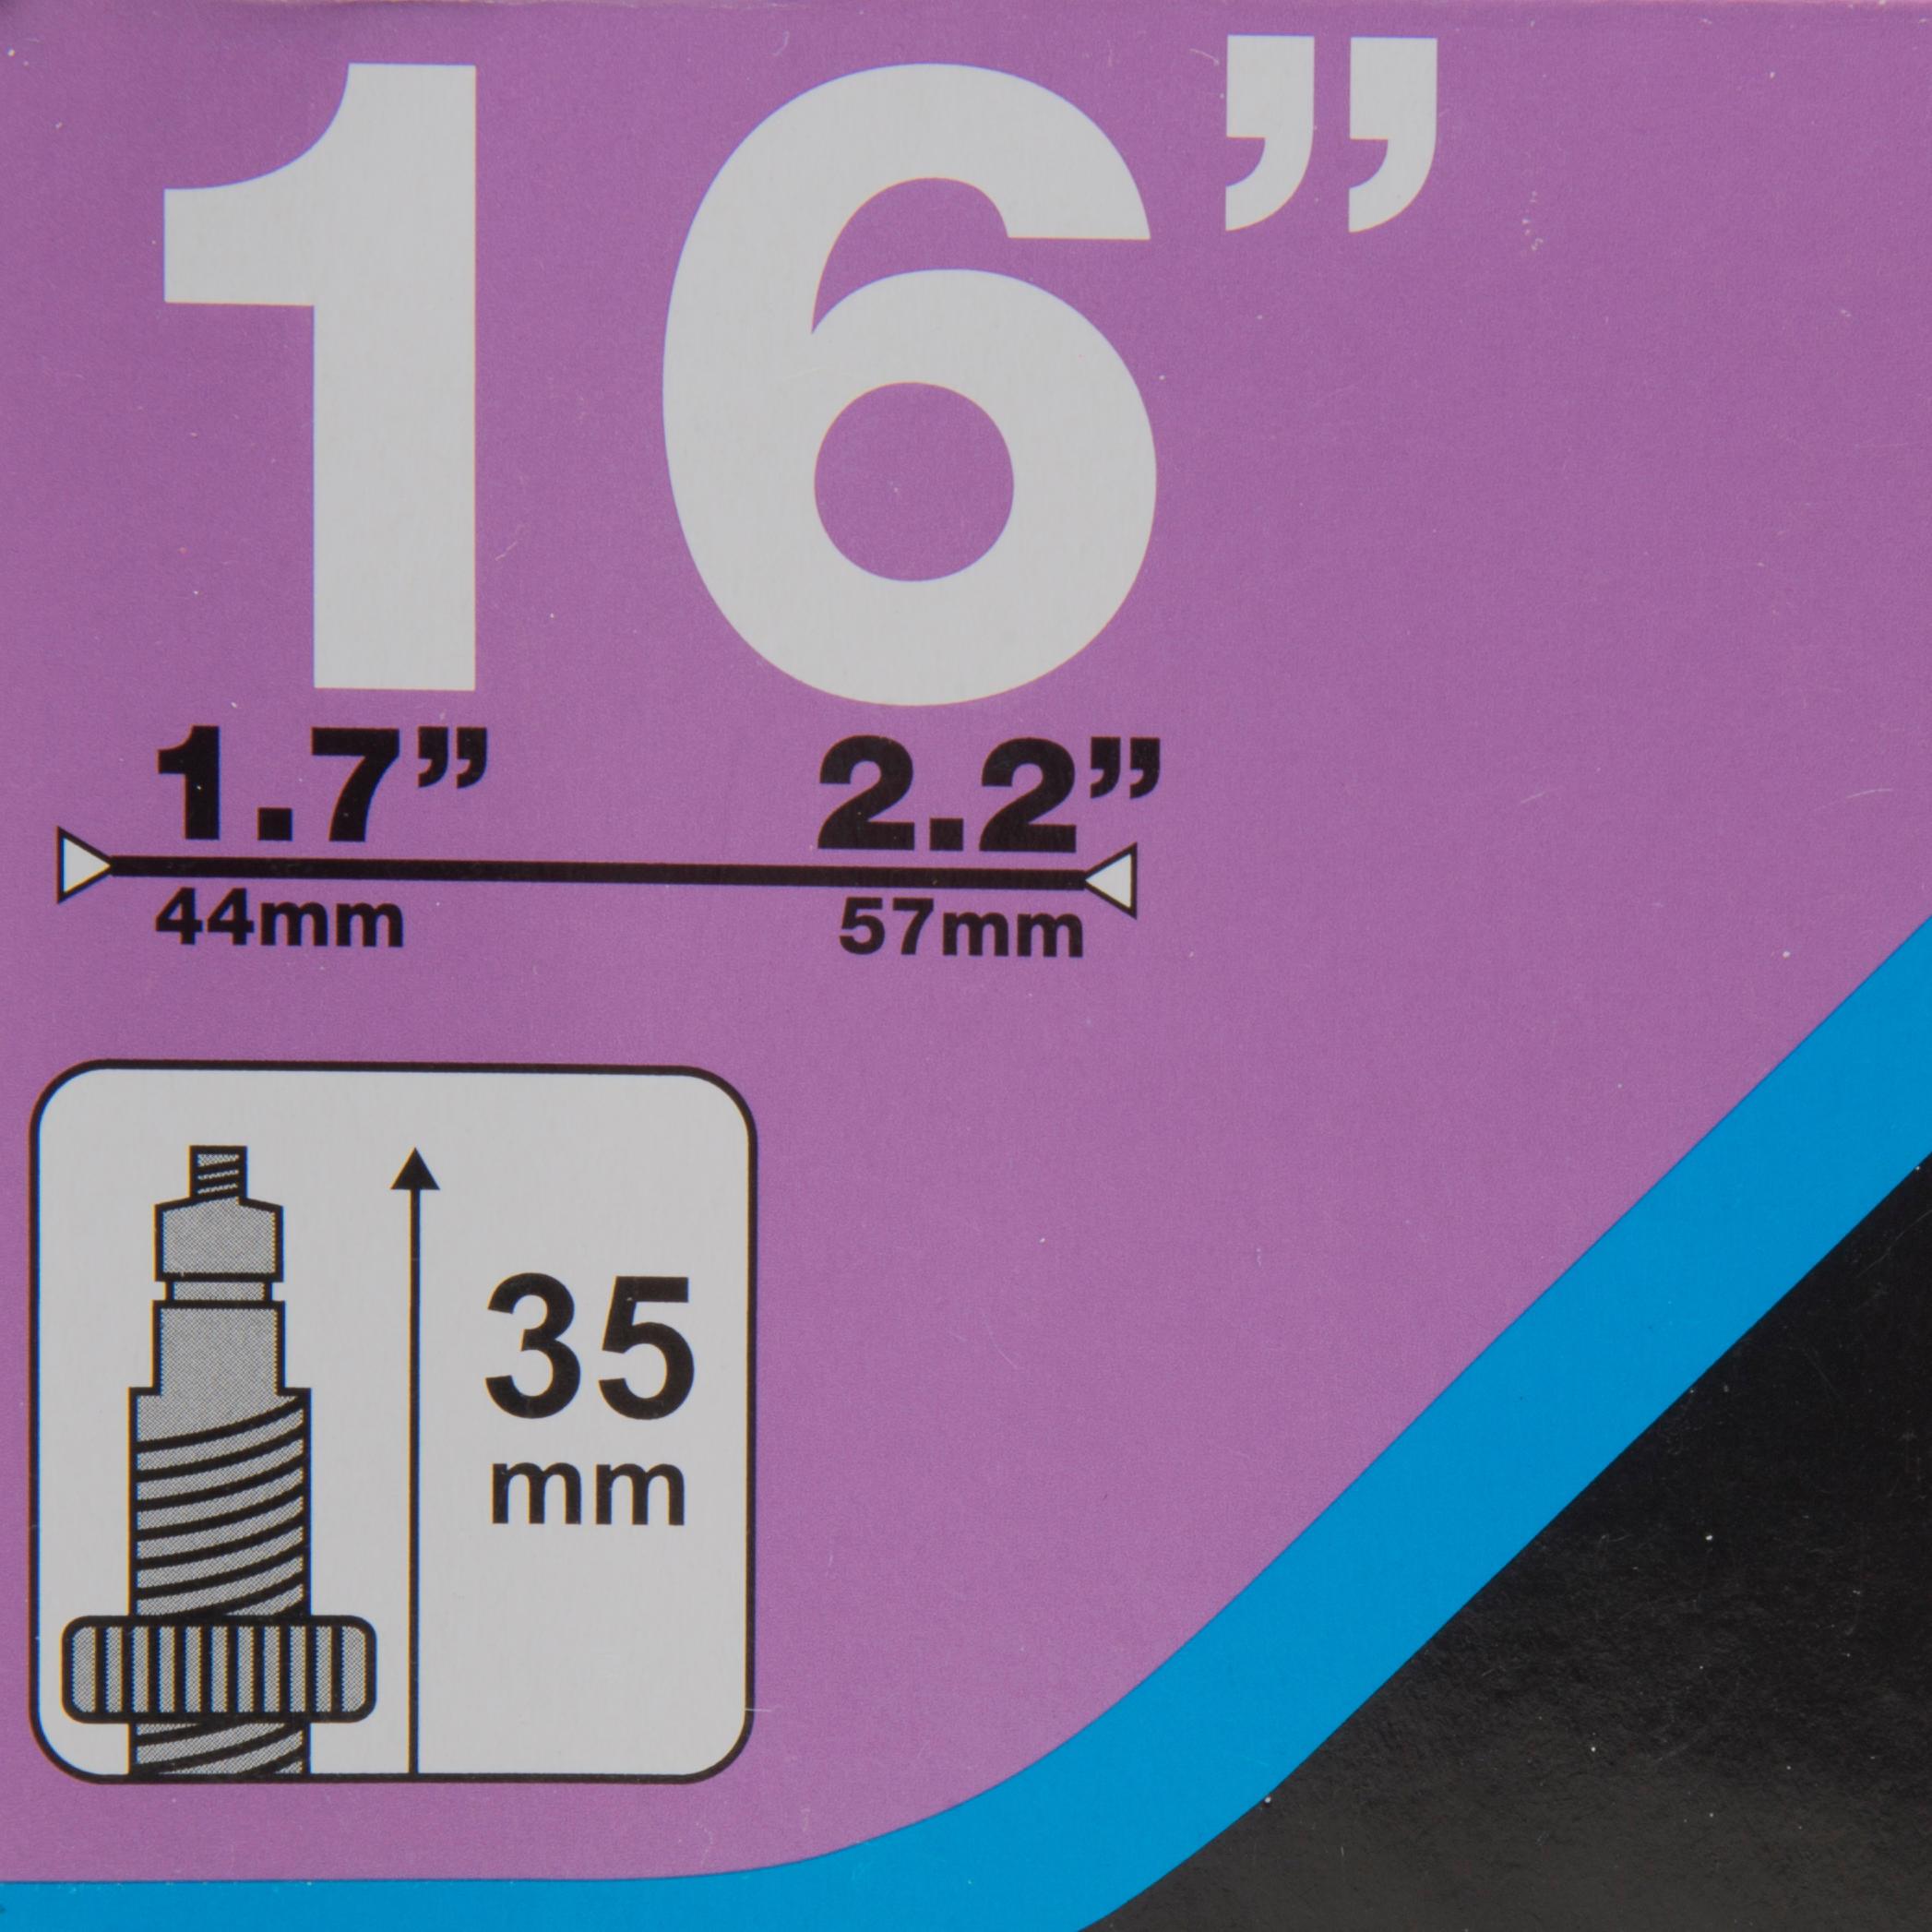 16-Inch 1.7 to 2.2 Presta Valve Inner Tube